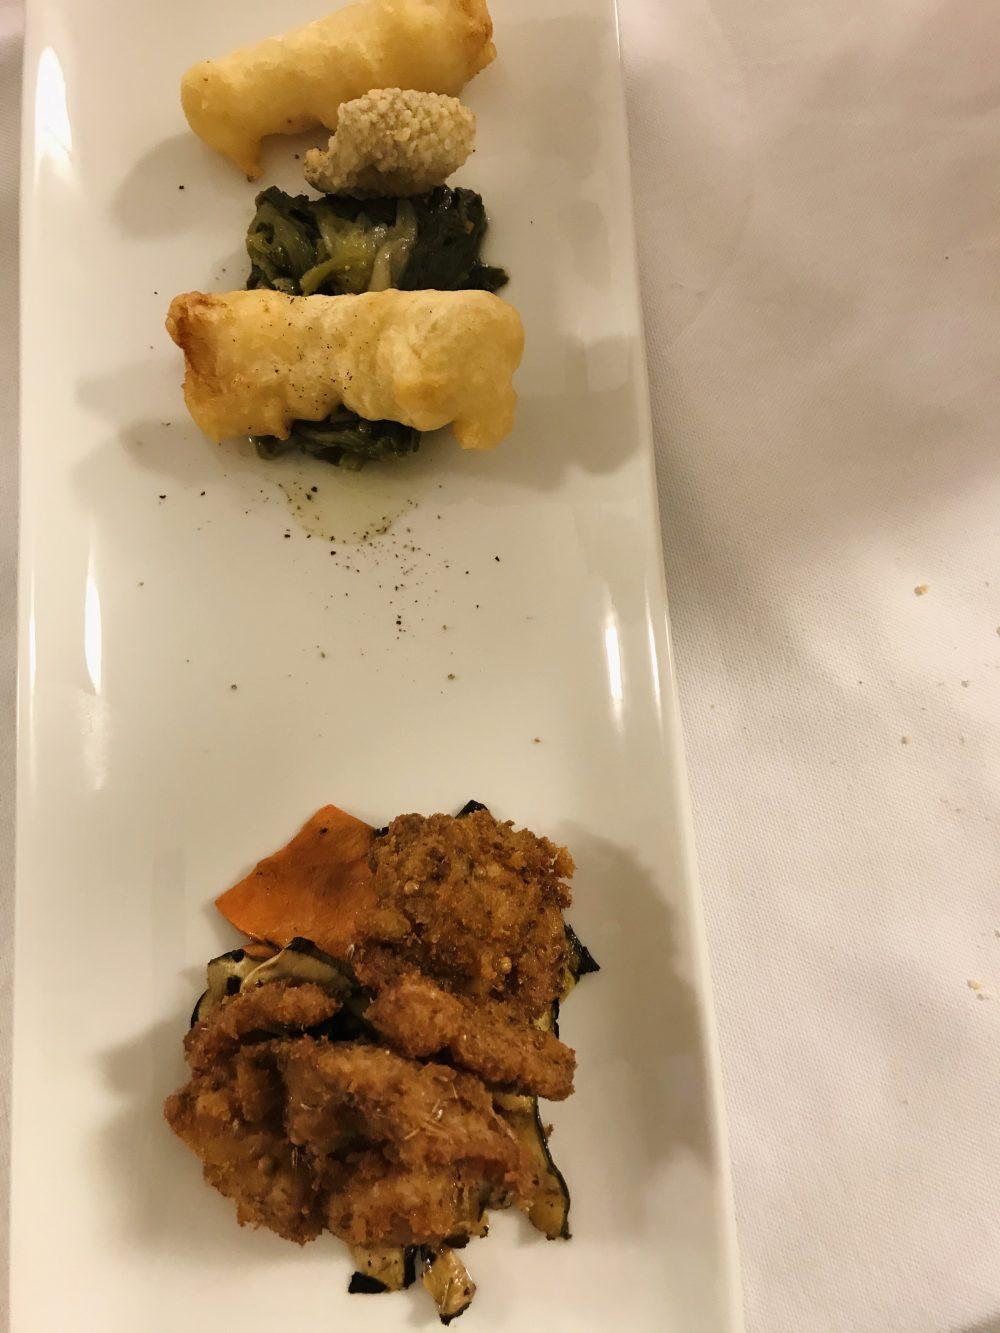 Il Frantoio Ducale - Bocconcino di coniglio con panatura di finocchietto selvatico, baccala' in tempura, scarola ripassata e zucca arrostita